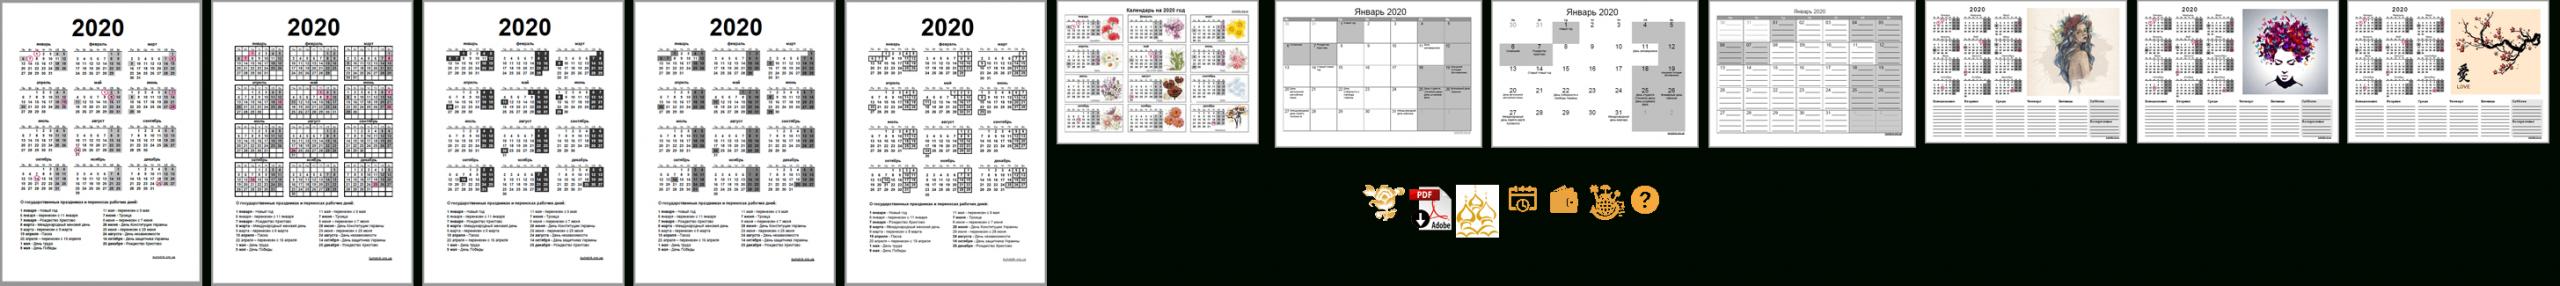 Календарь На 2020 Год (Украина) С Праздниками И Выходными